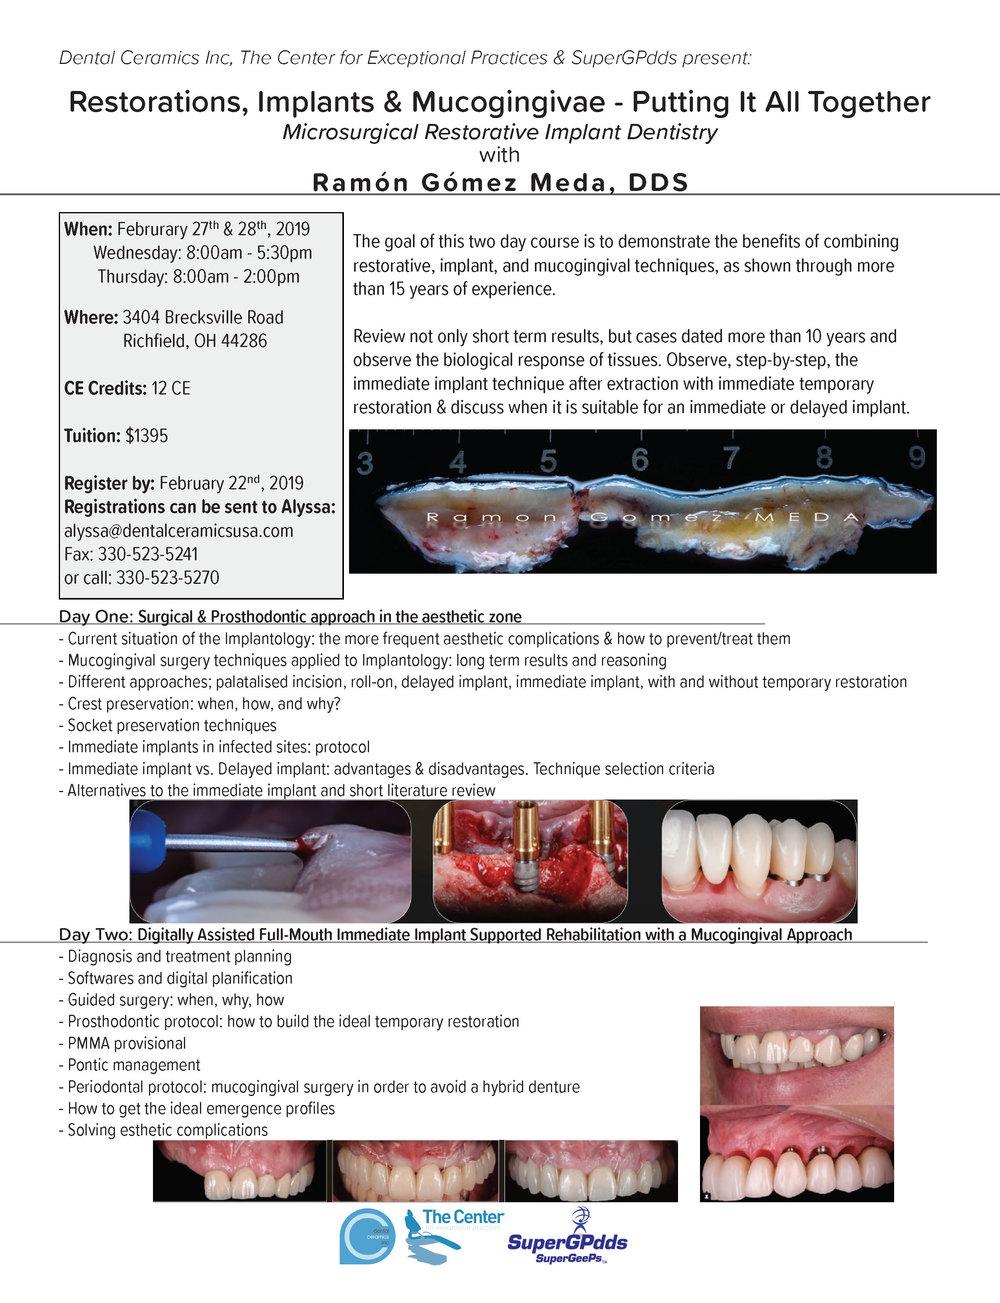 RamonGomezMeda_Page_1.jpg